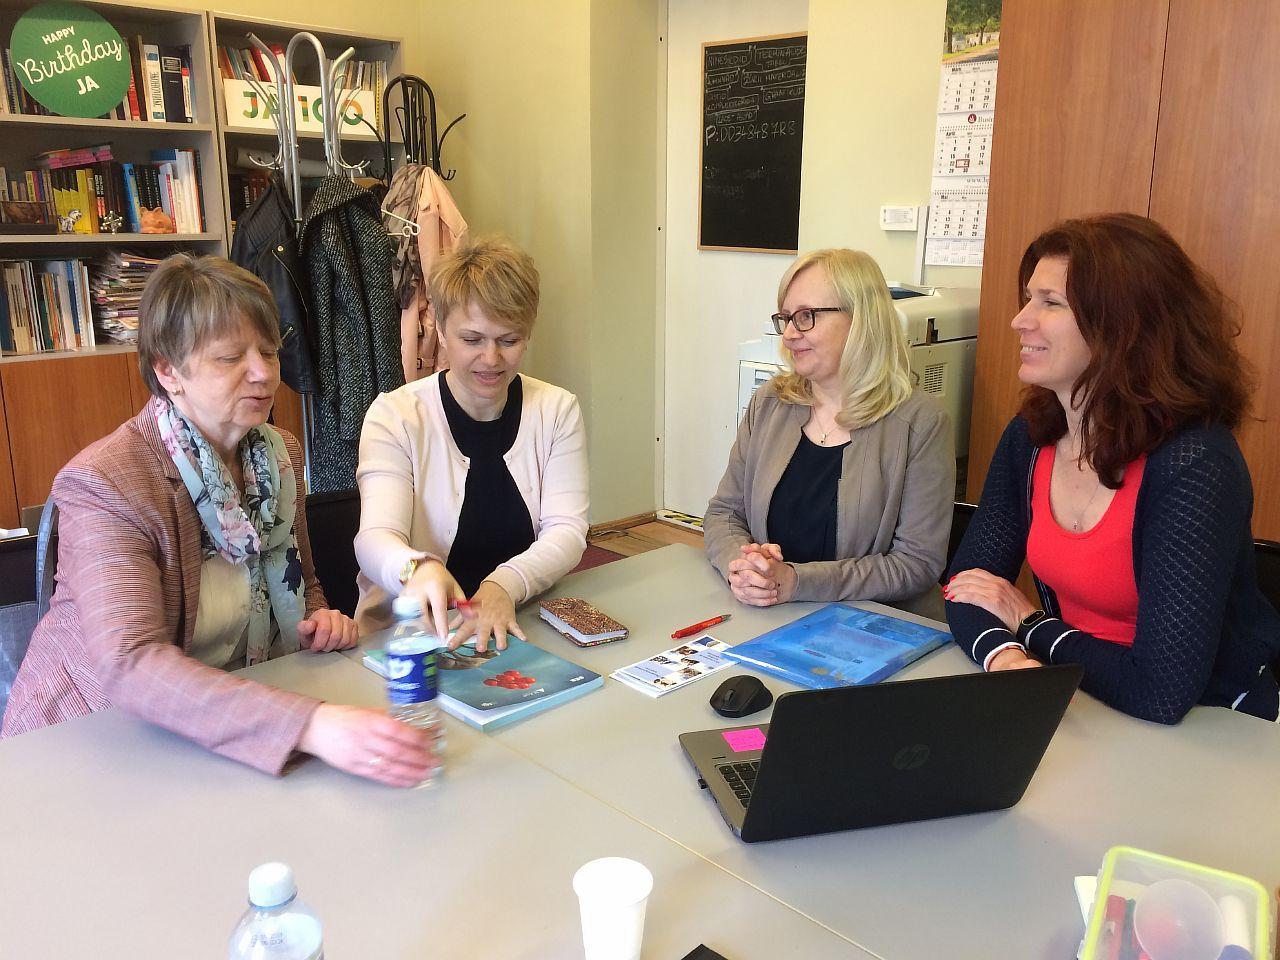 Начальник центра развития педагогического образования Александра Валентиновна Позняк в период с 22 по 26 апреля 2019 года по программе академической мобильности Эразмус+ прошла стажировку в Эстонии.